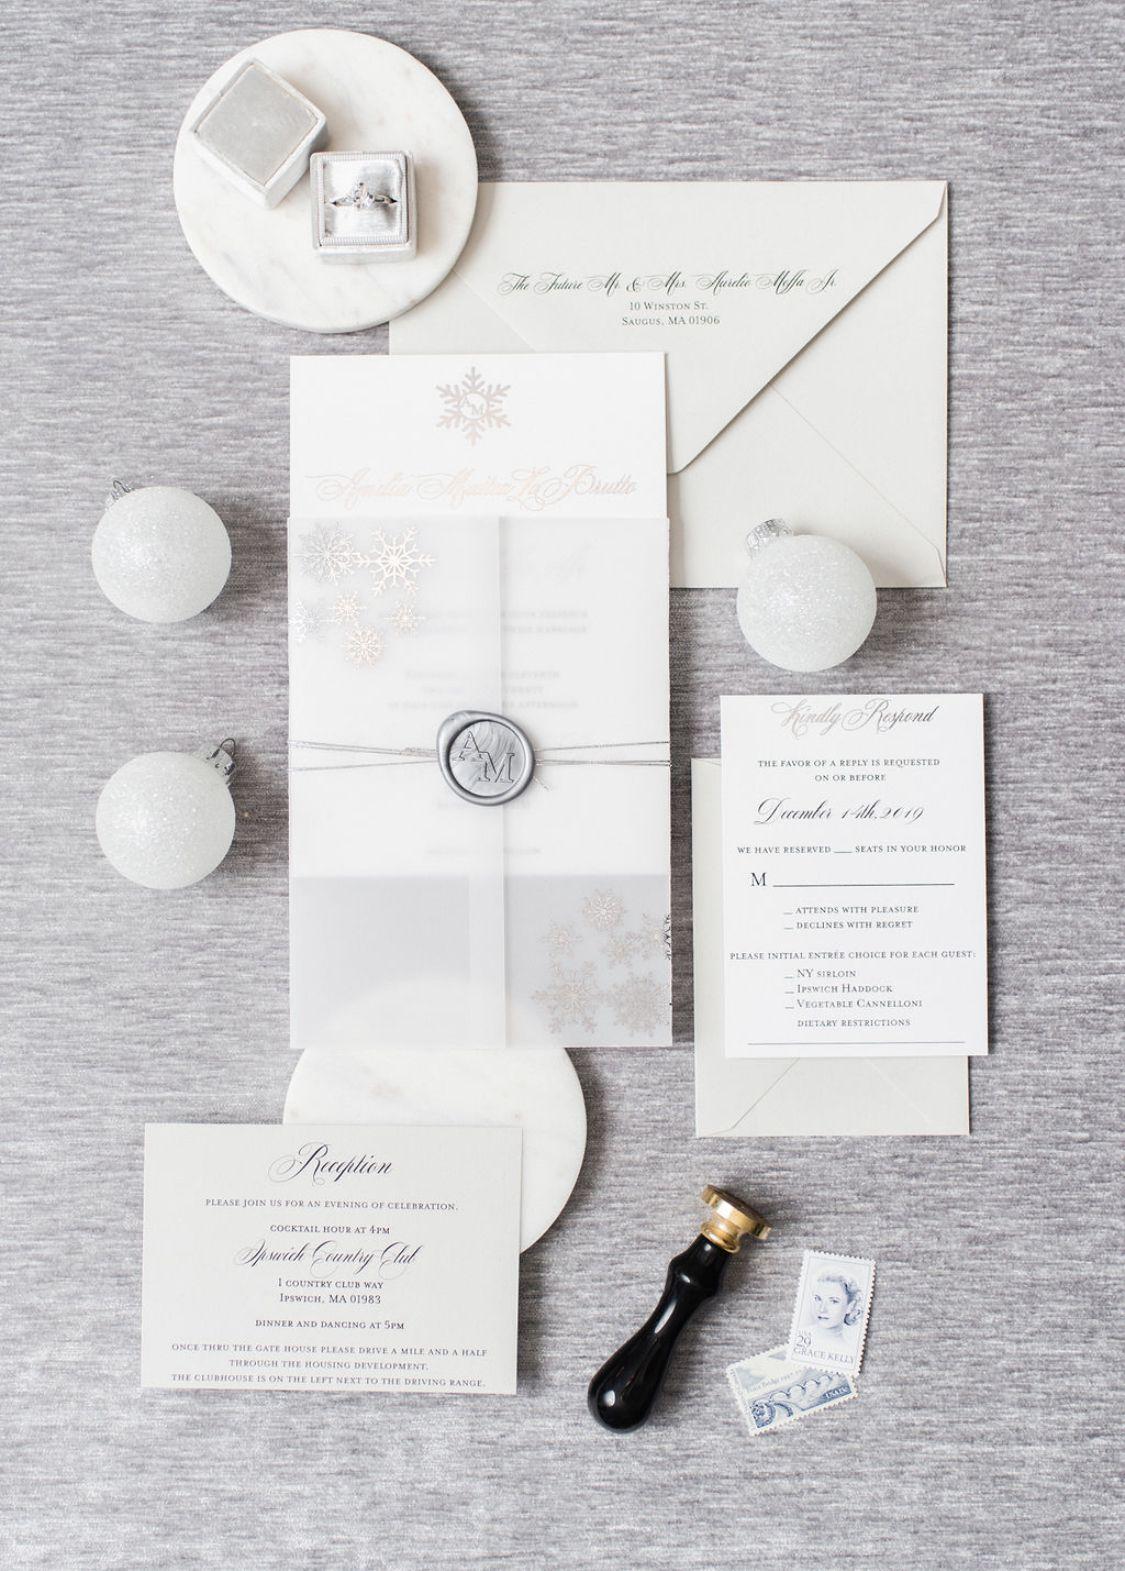 Winter Wonderland Inspired Wedding Invitation Printed In Silver Foil Vellum Winterwonderland Silverfoil Silver Wedding Invitations Elegant Wedding Invitations Box Wedding Invitations